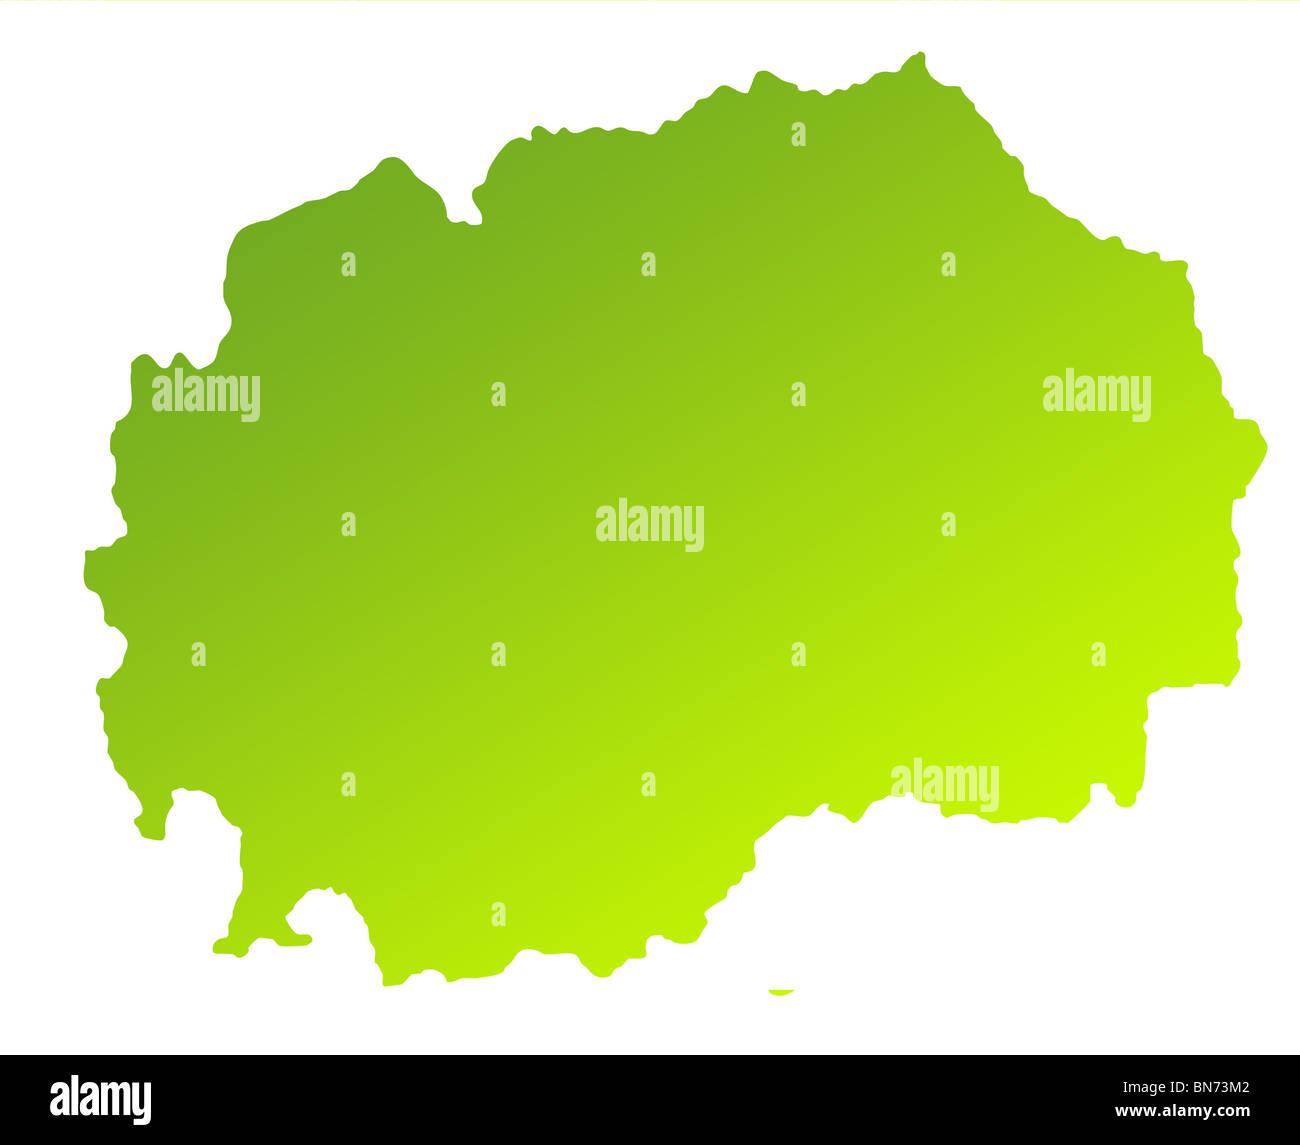 Grune Karte Mazedonien.Karte Von Mazedonien Stockfotos Karte Von Mazedonien